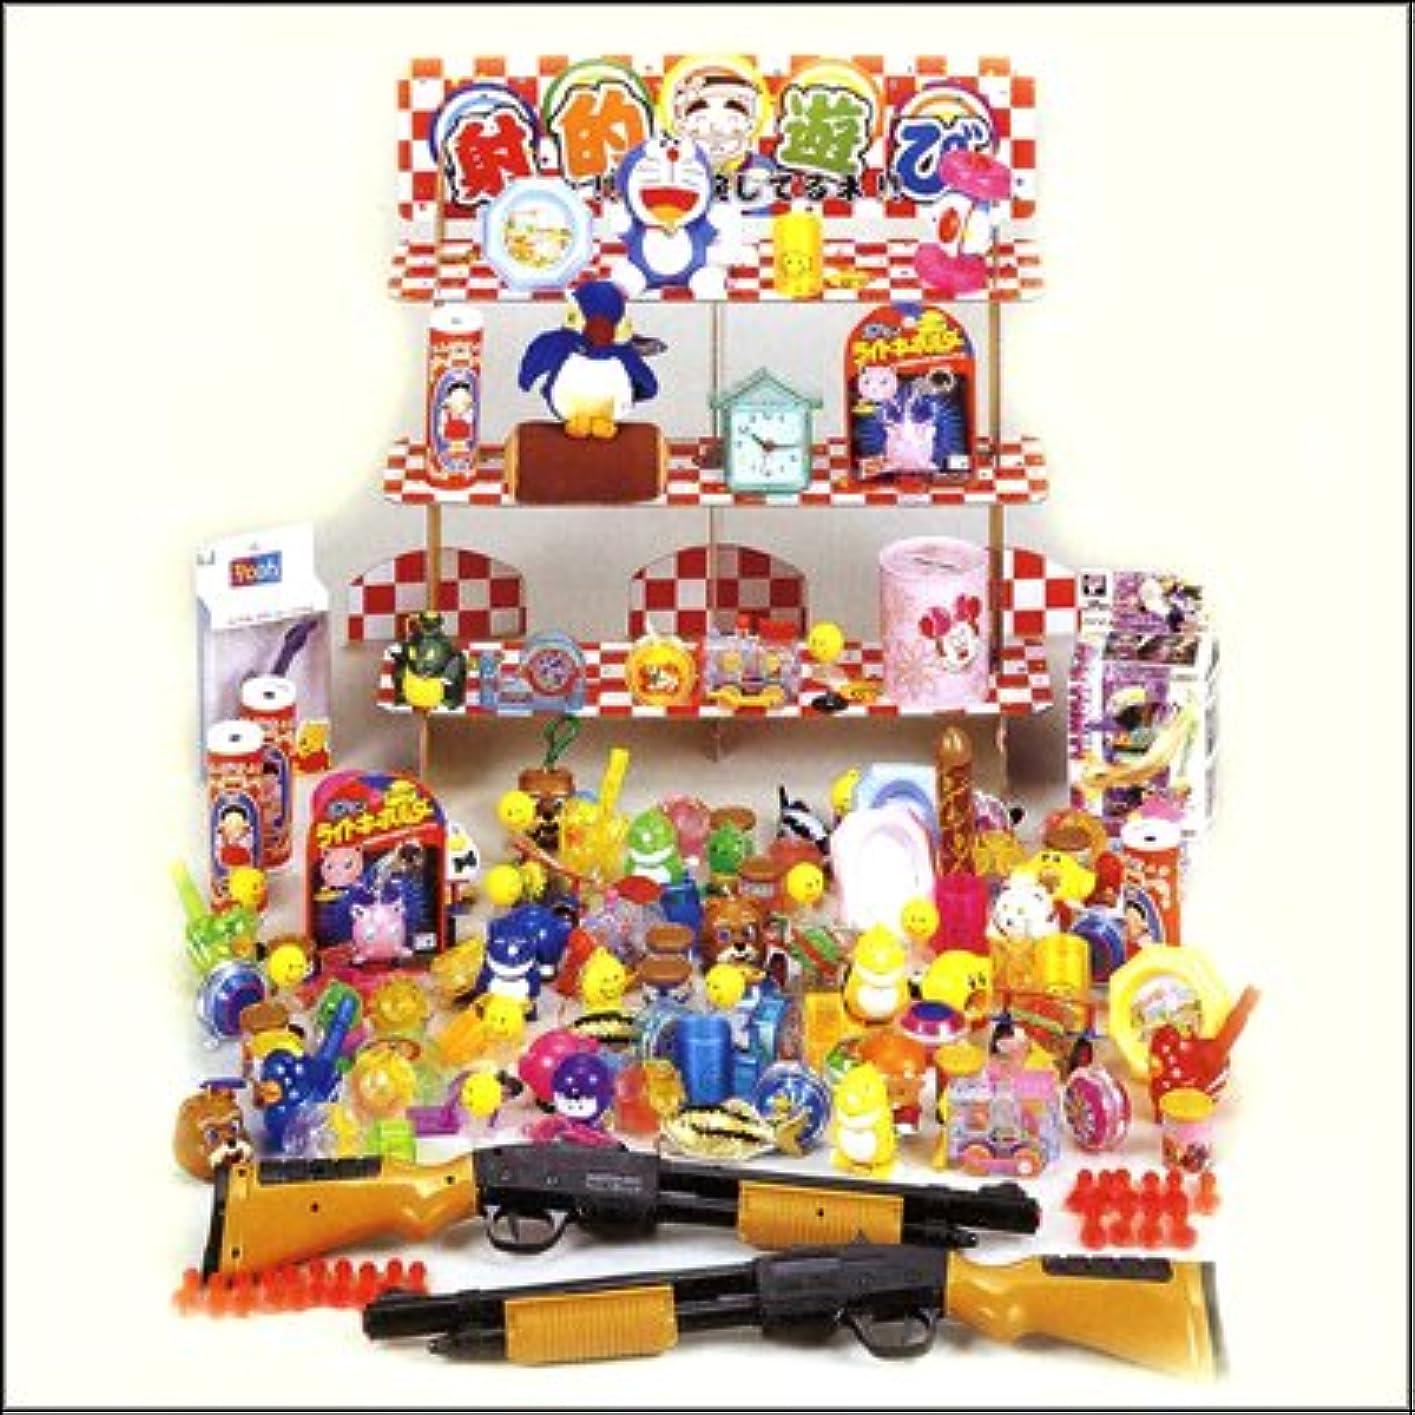 乱雑な追放重量射的イベントセット ミニおもちゃ景品100個付 1008